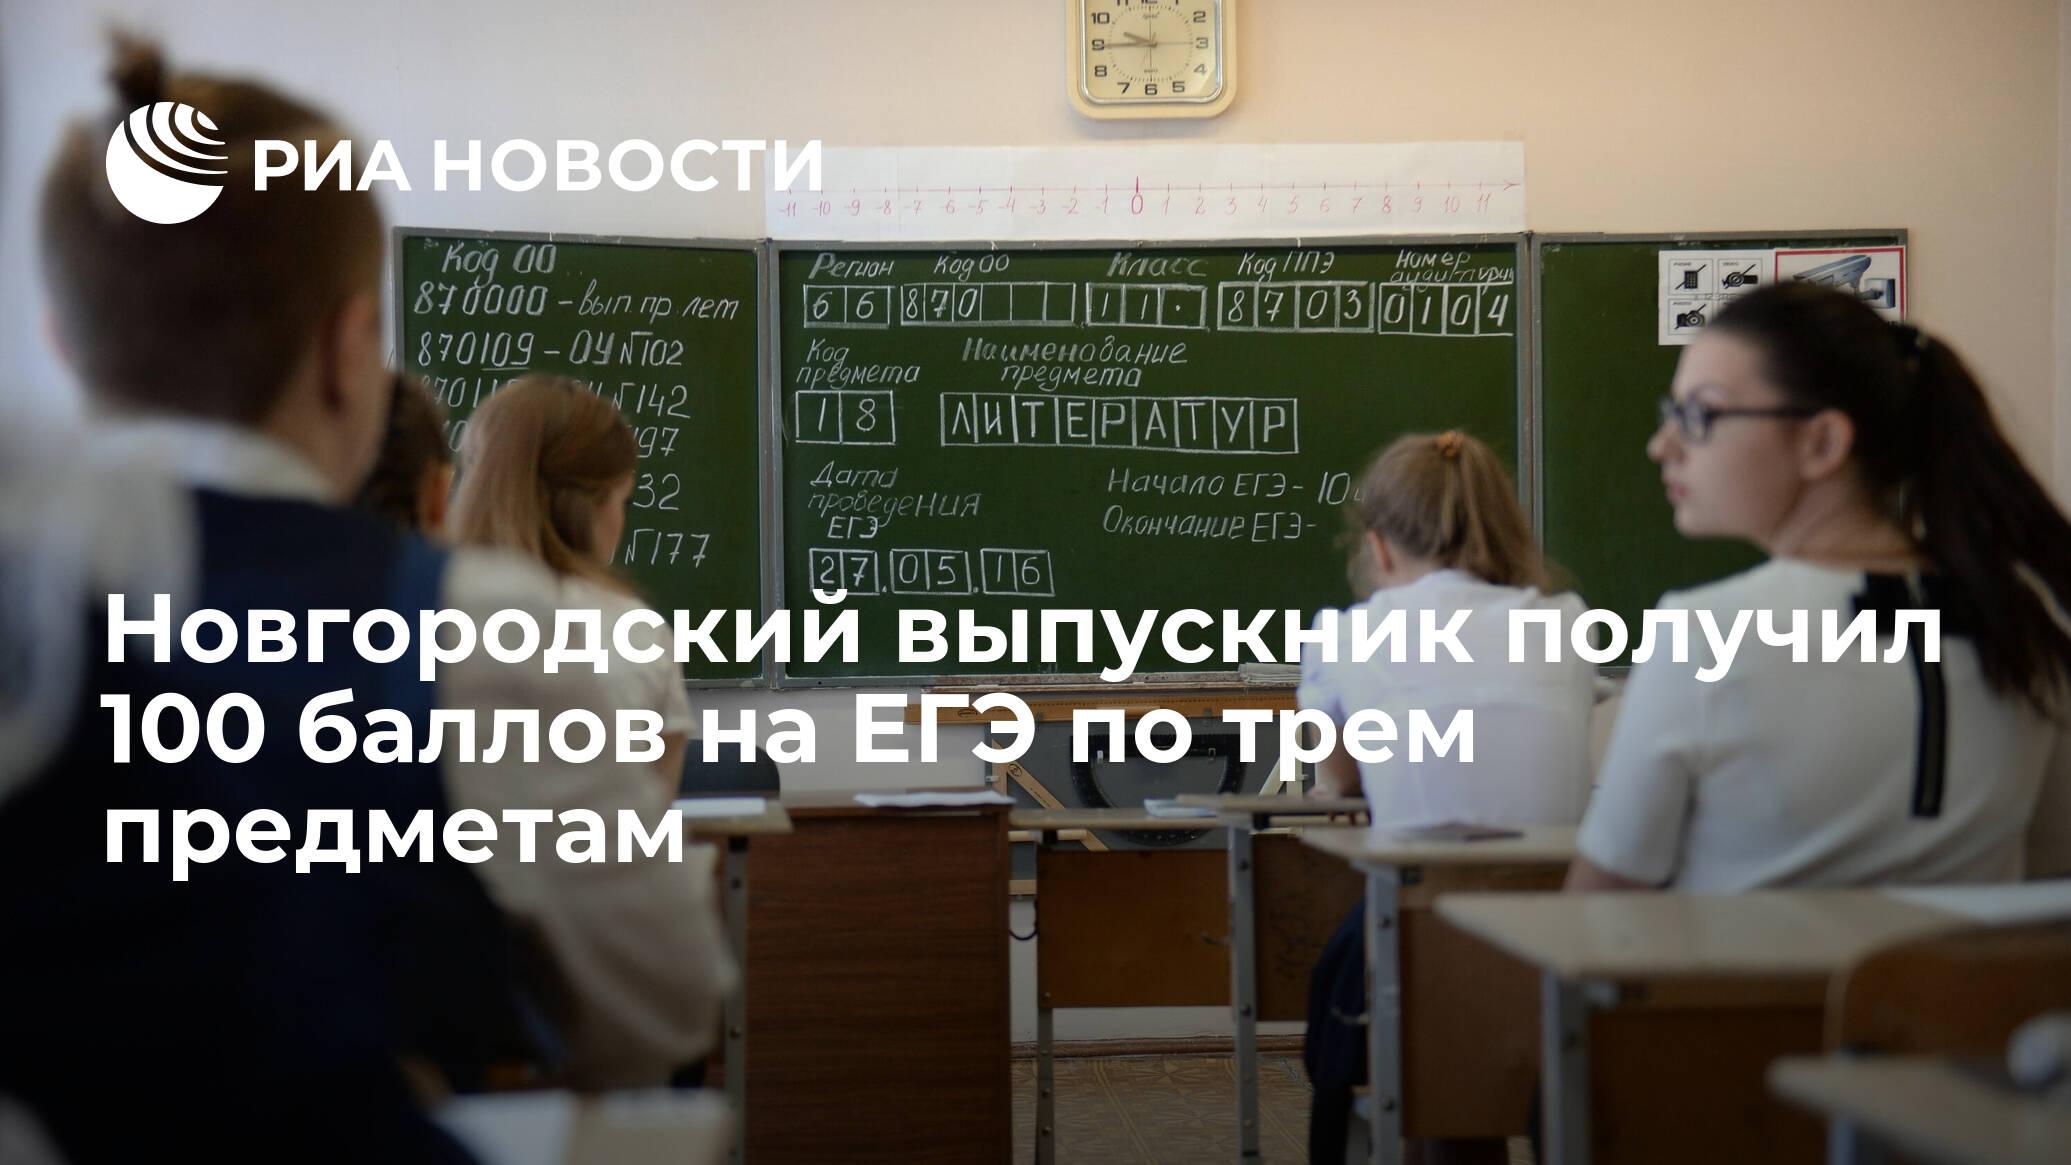 Новгородский выпускник получил 100 баллов на ЕГЭ по трем предметам